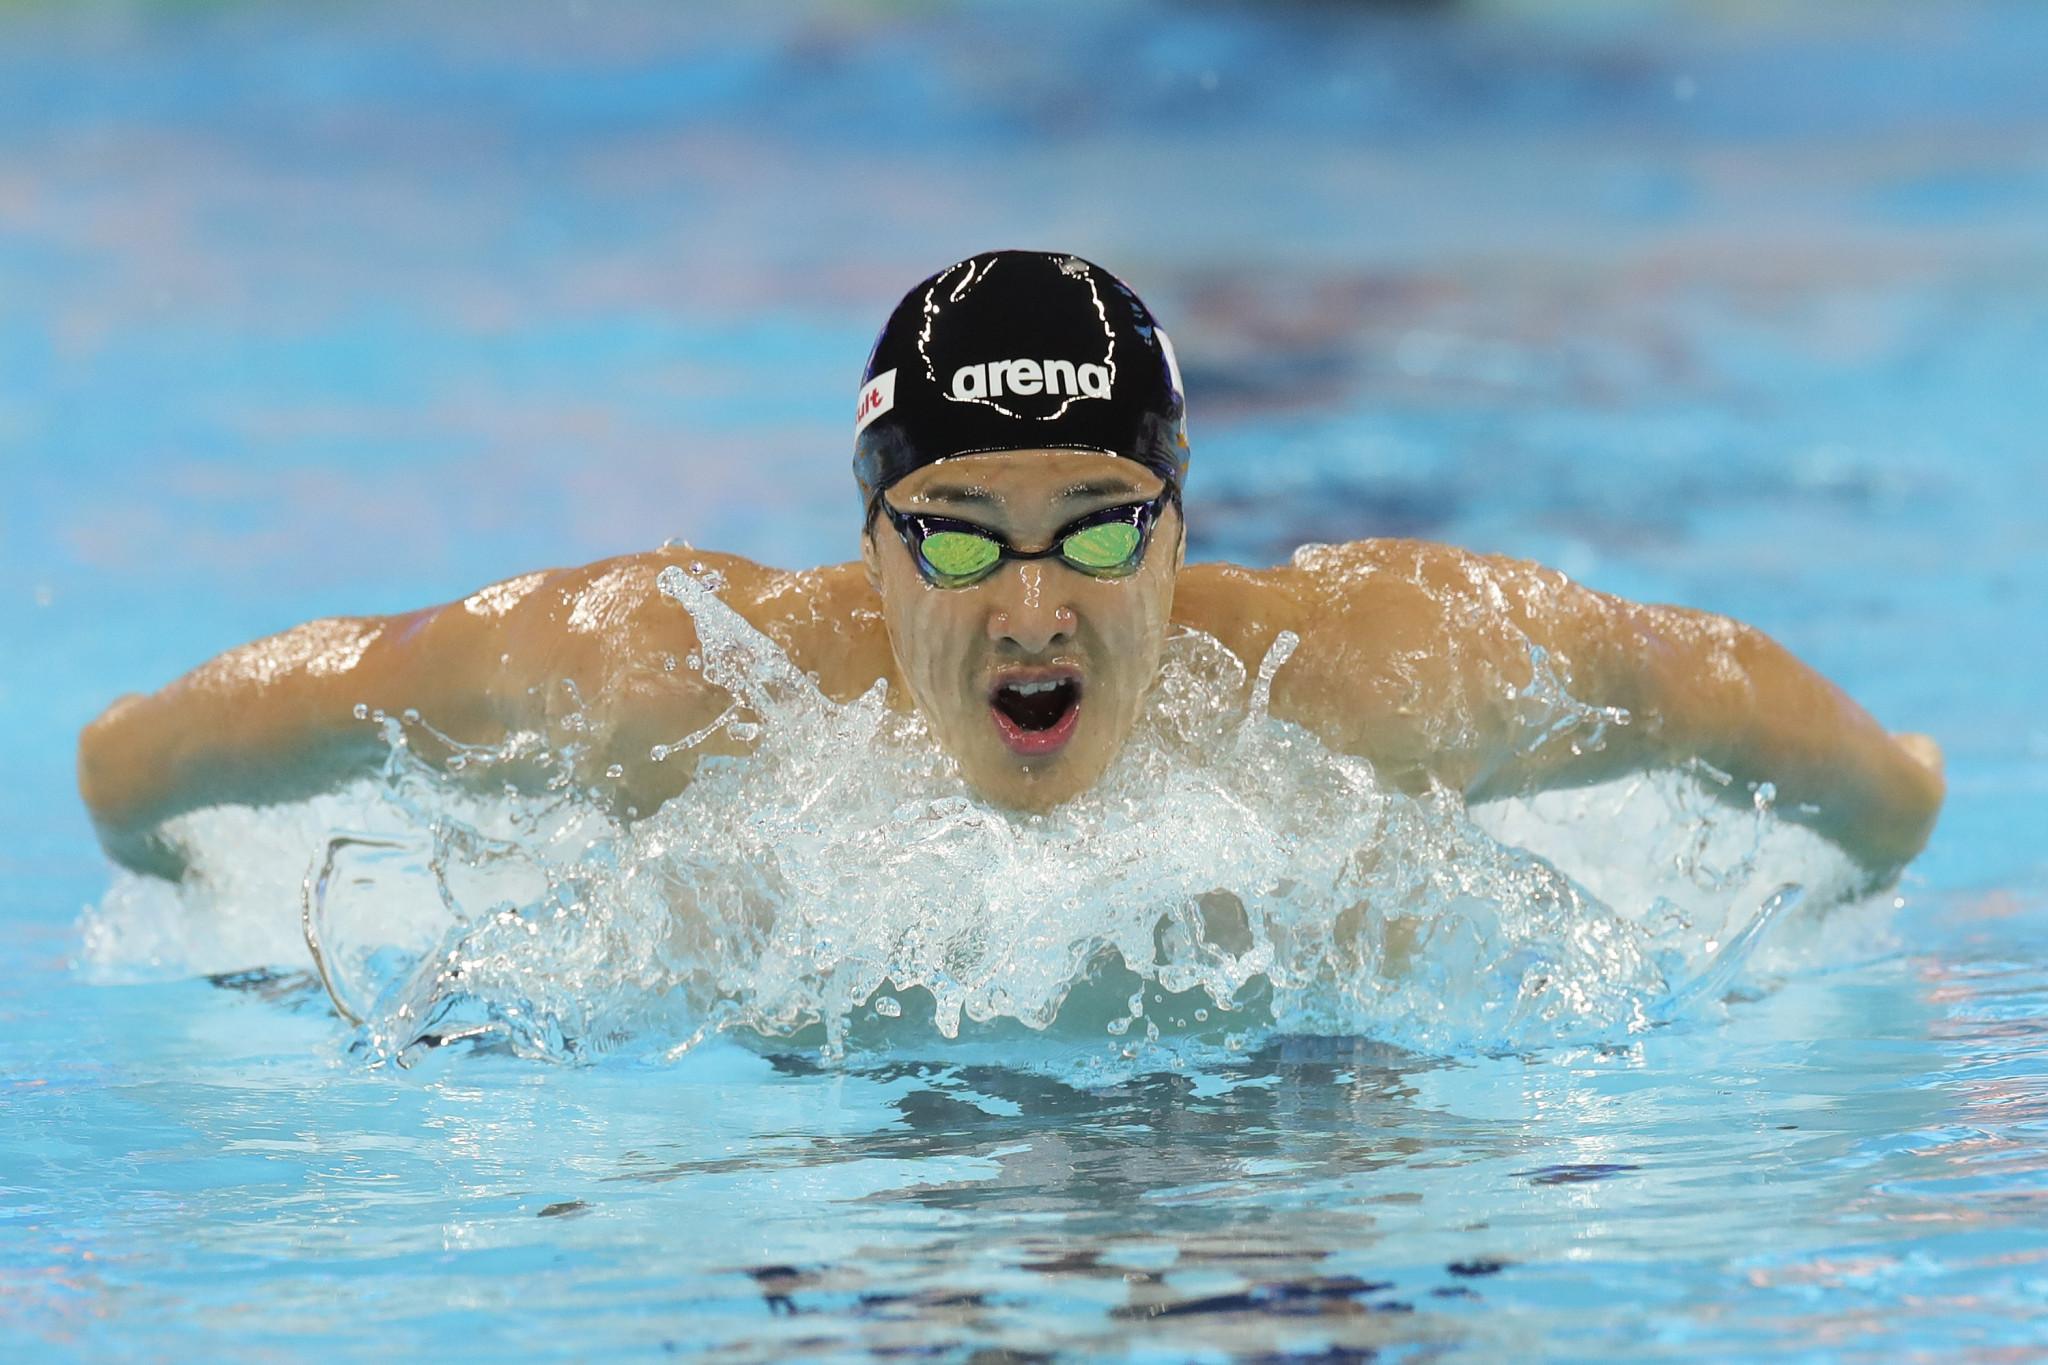 亚运水上运动中心也获得了最终批准©Getty Images